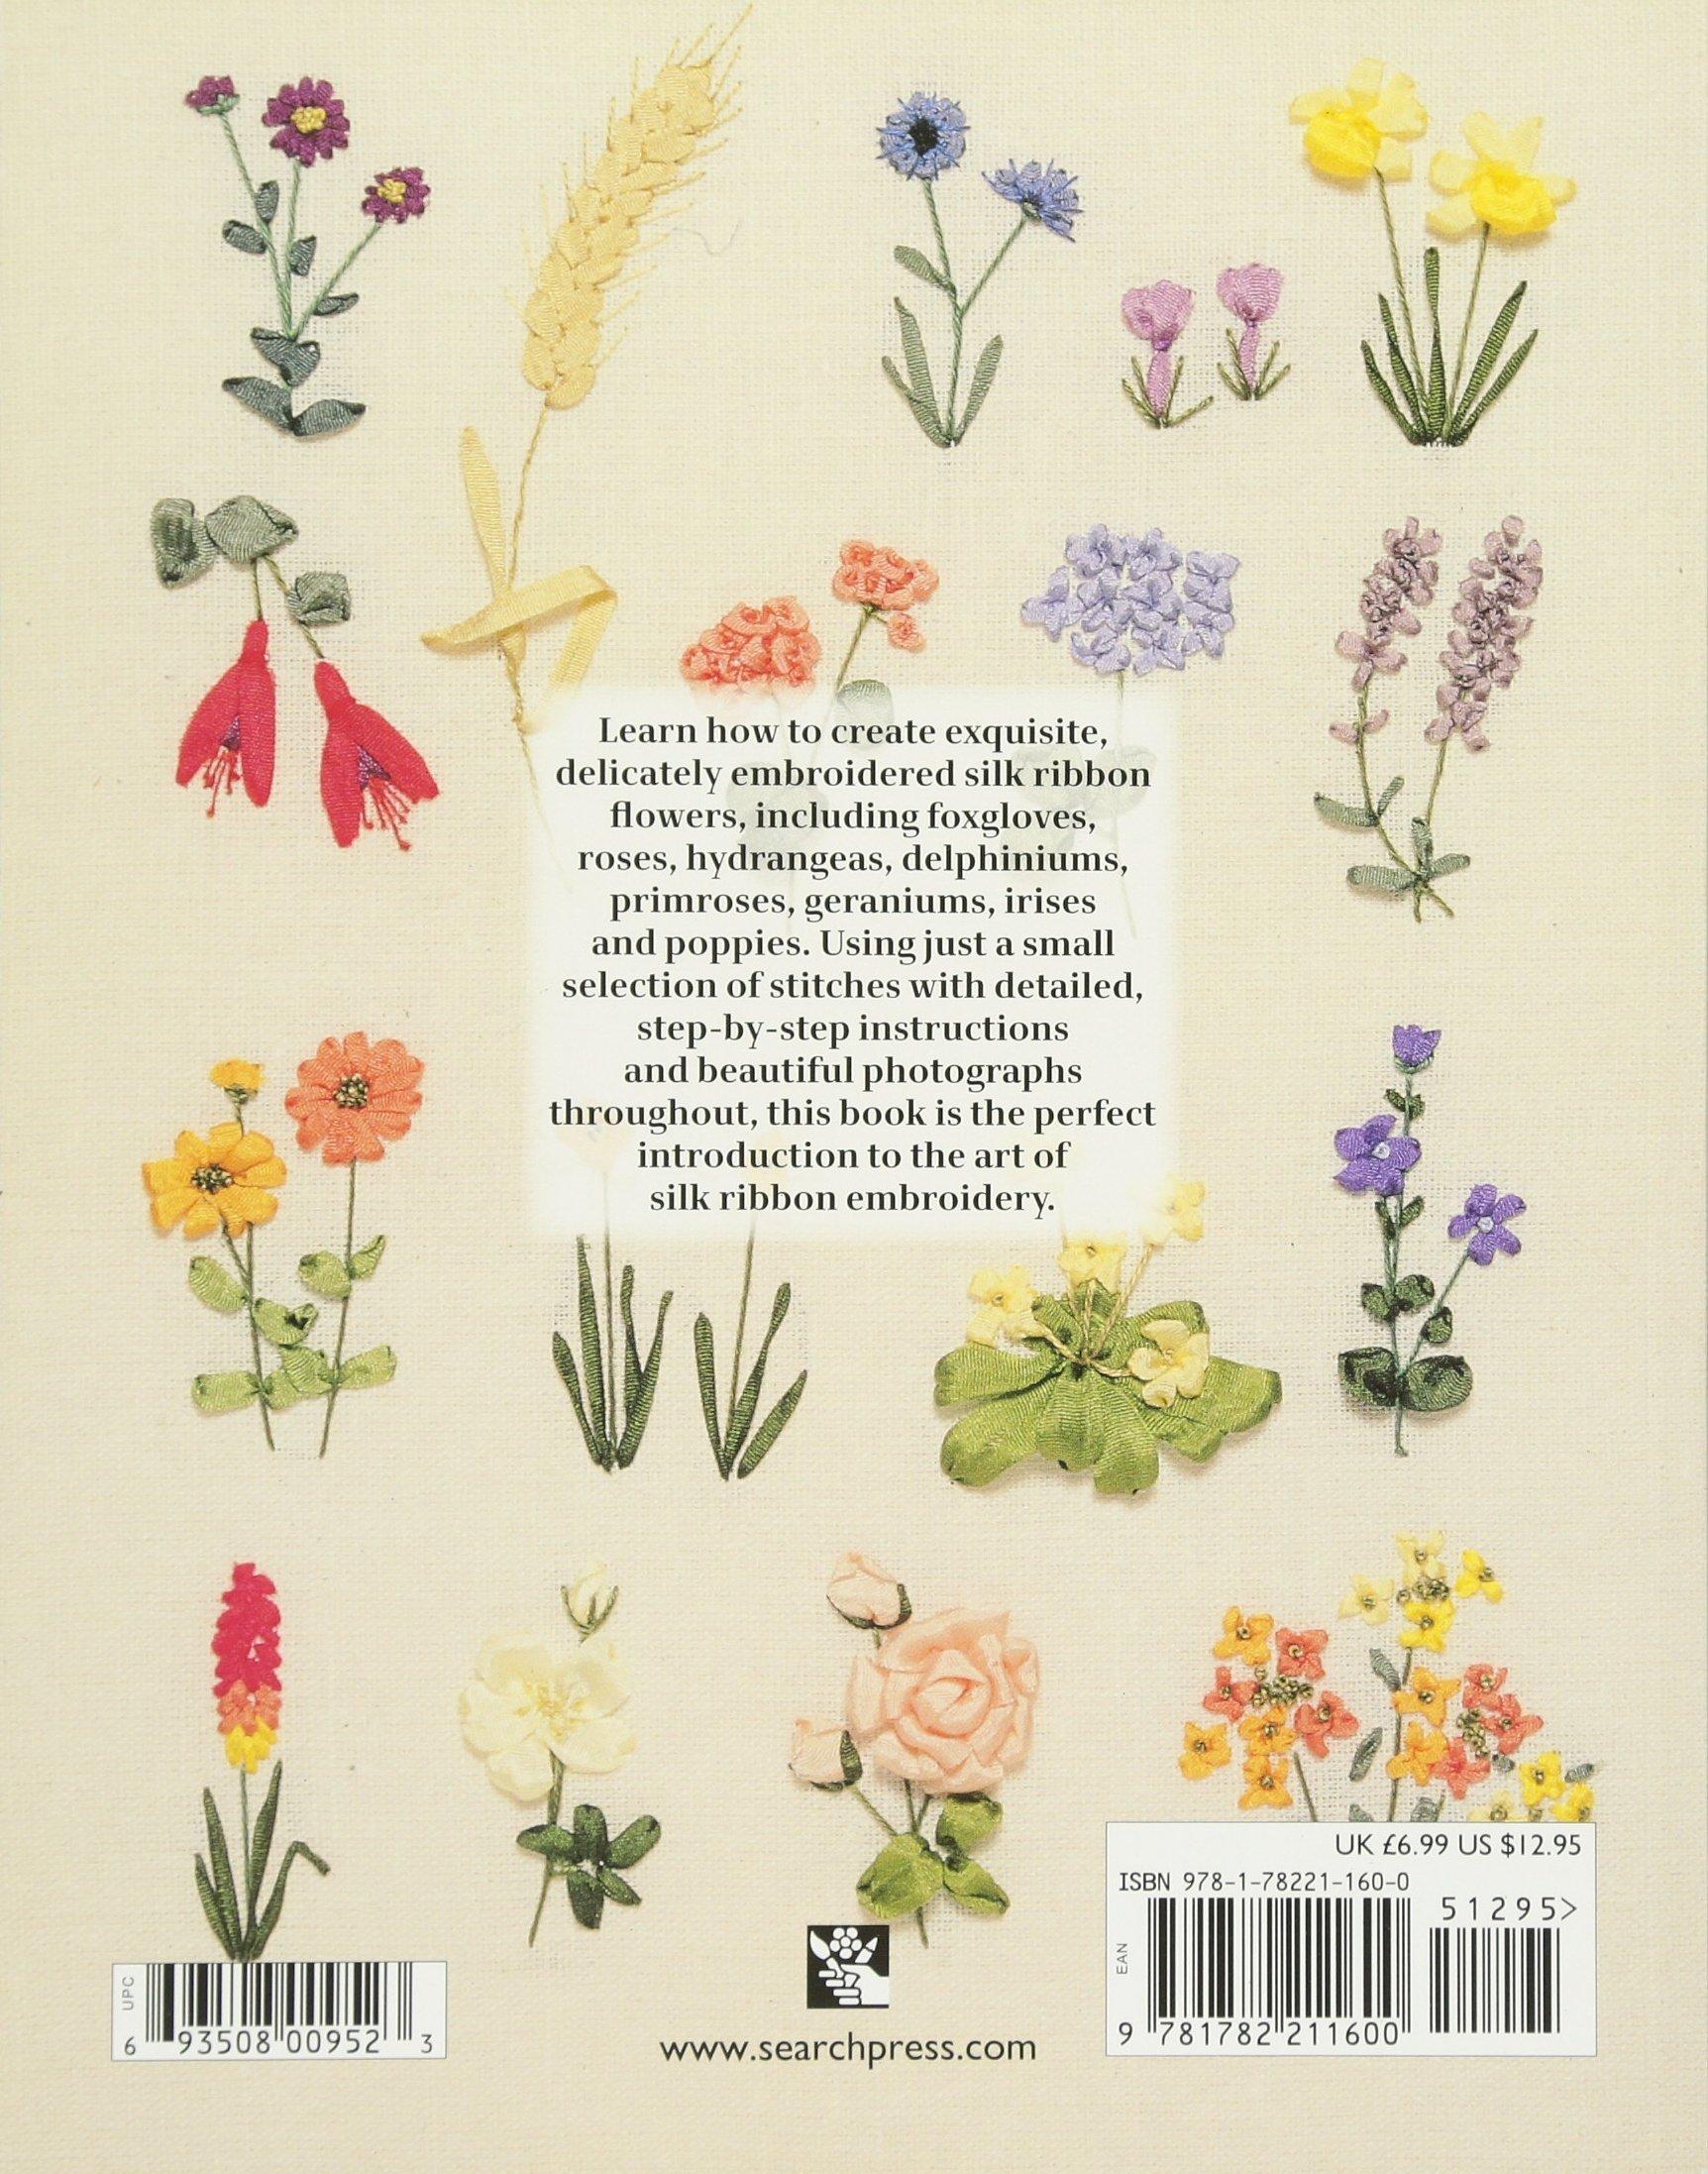 Beginner's Guide To Silk Ribbon Embroidery Search Press Classics:  Amazon: Ann Cox: Books